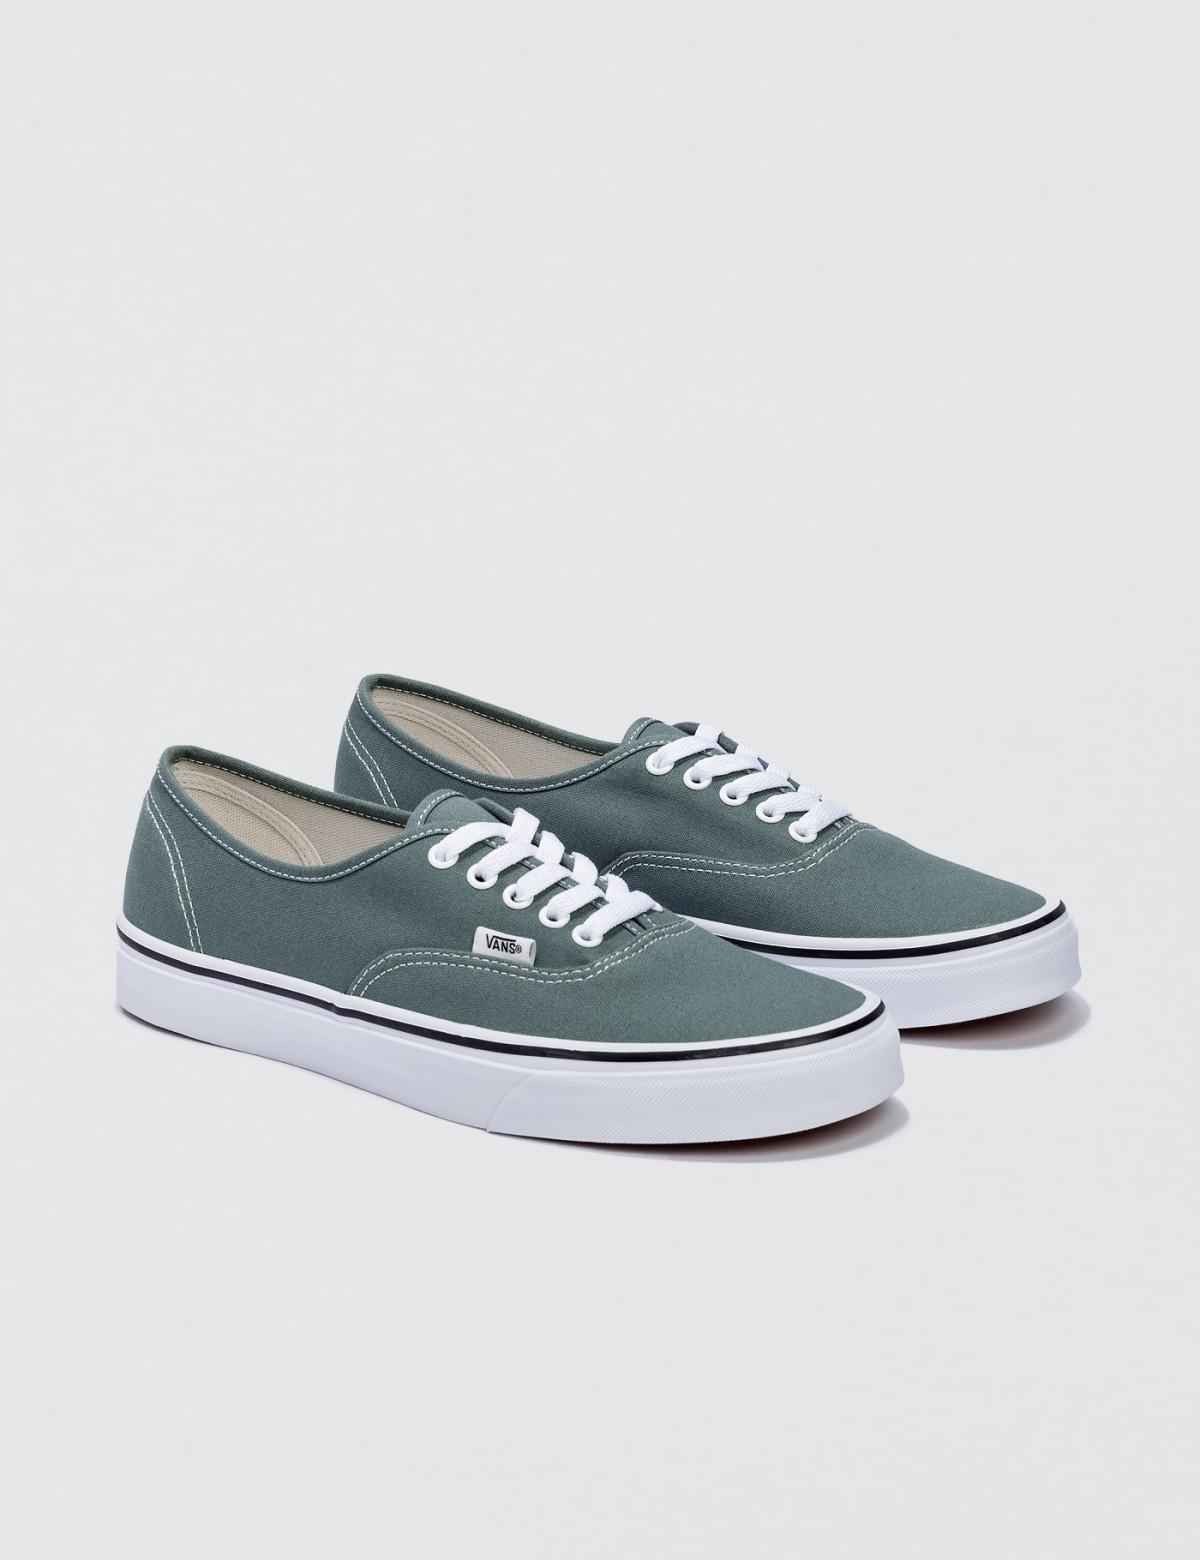 Tempat Beli Sepatu Branded Di Indonesia